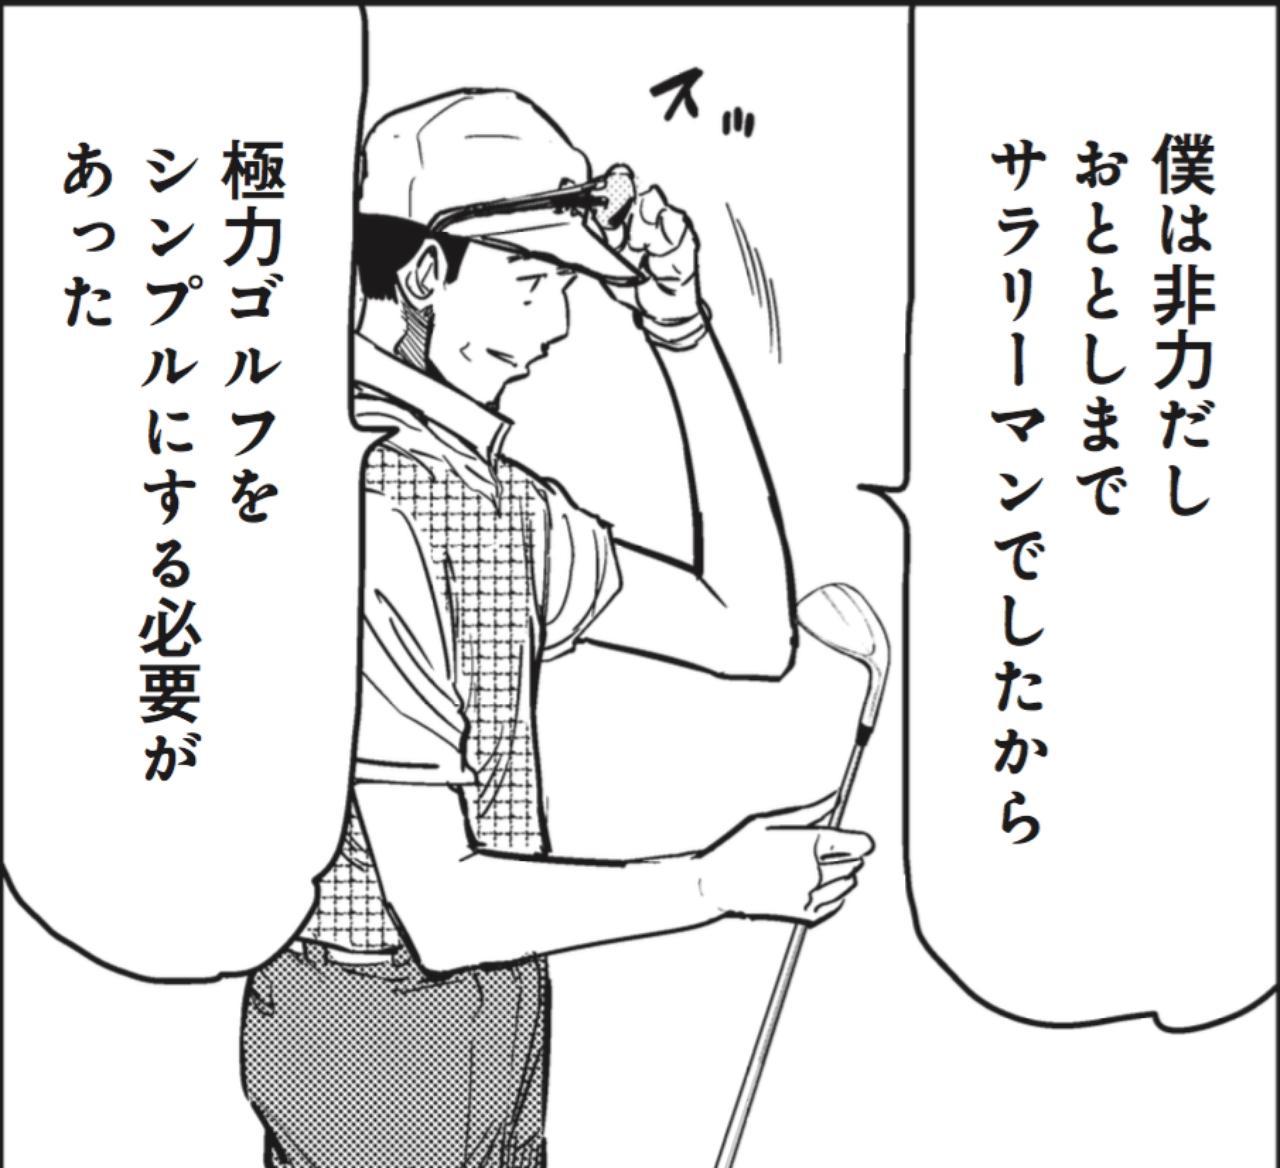 画像1: 田村さんが考える「シンプルなアプローチ」って?